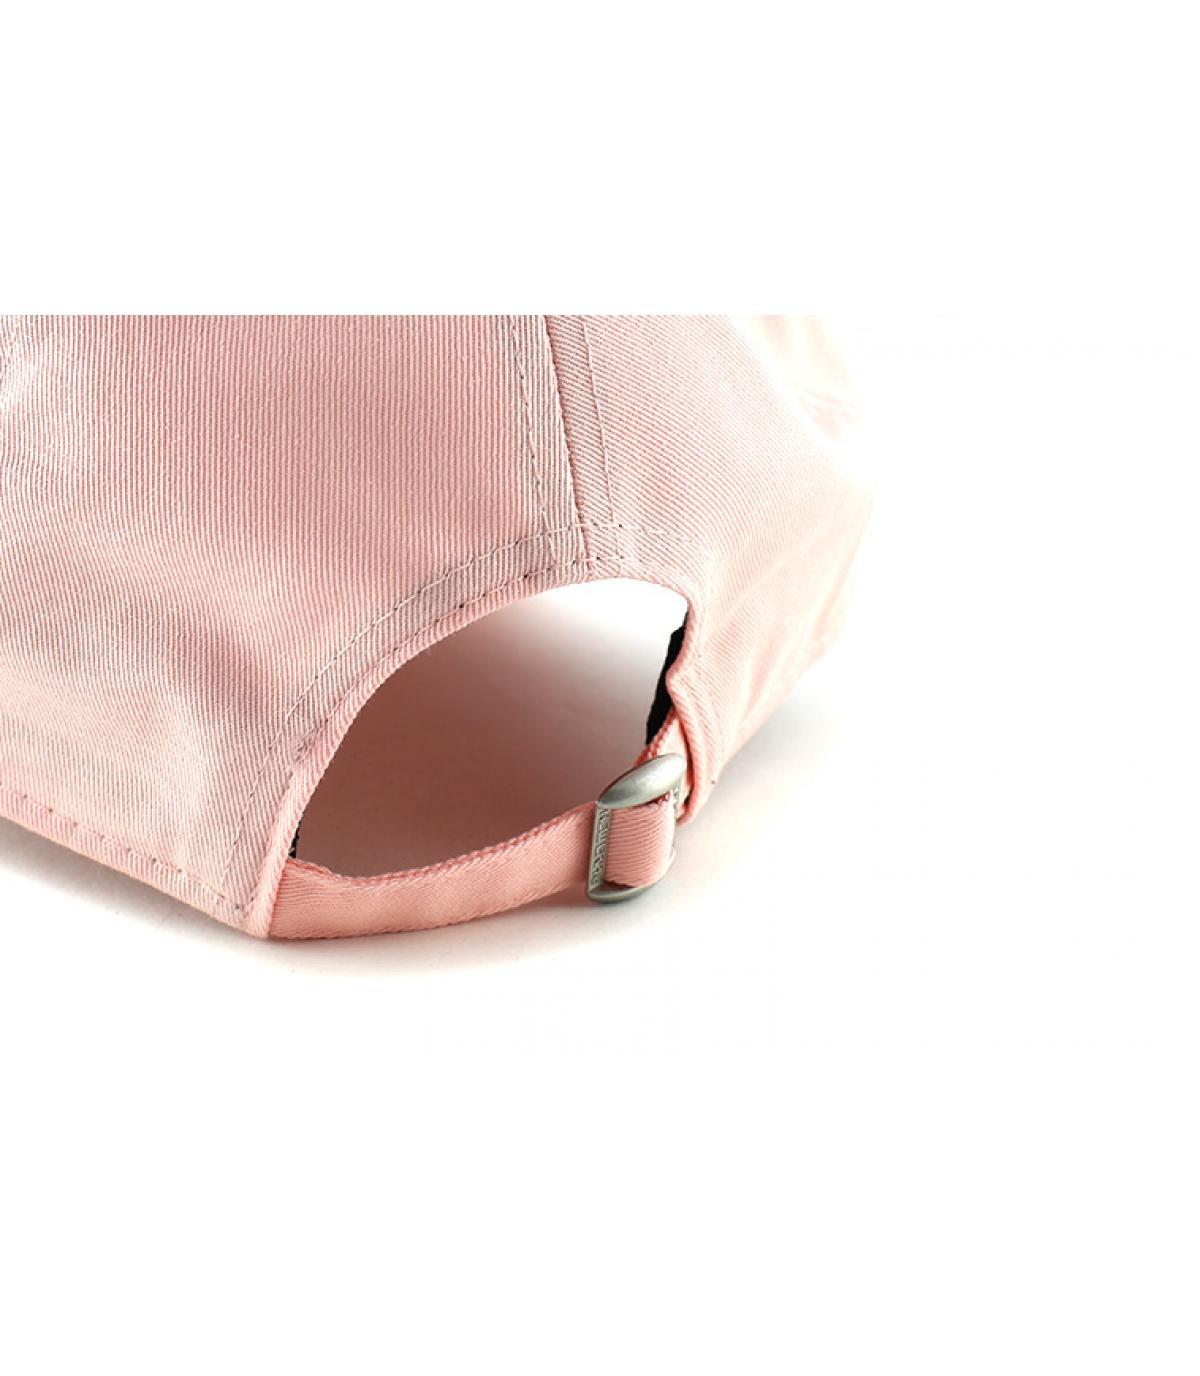 Détails Casquette Femme NY League Essential pink - image 5